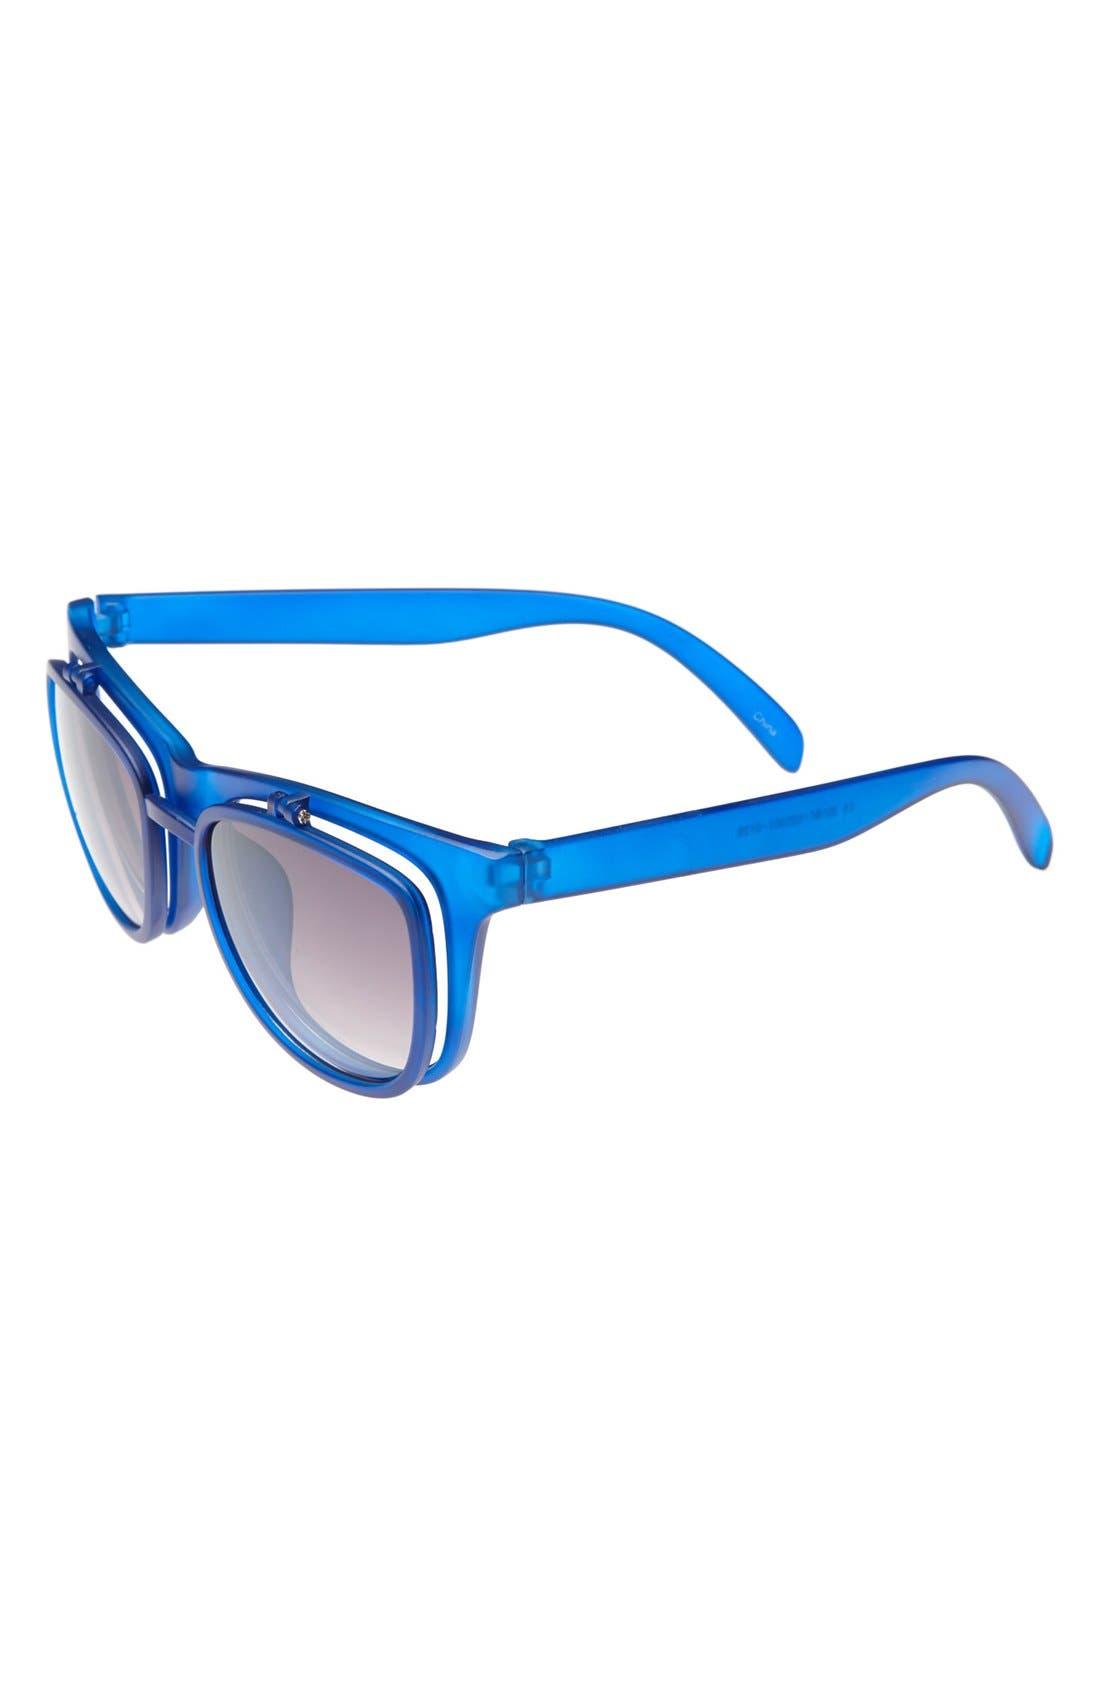 Main Image - Icon Eyewear 'Mason' Flip-Up Sunglasses (Boys)